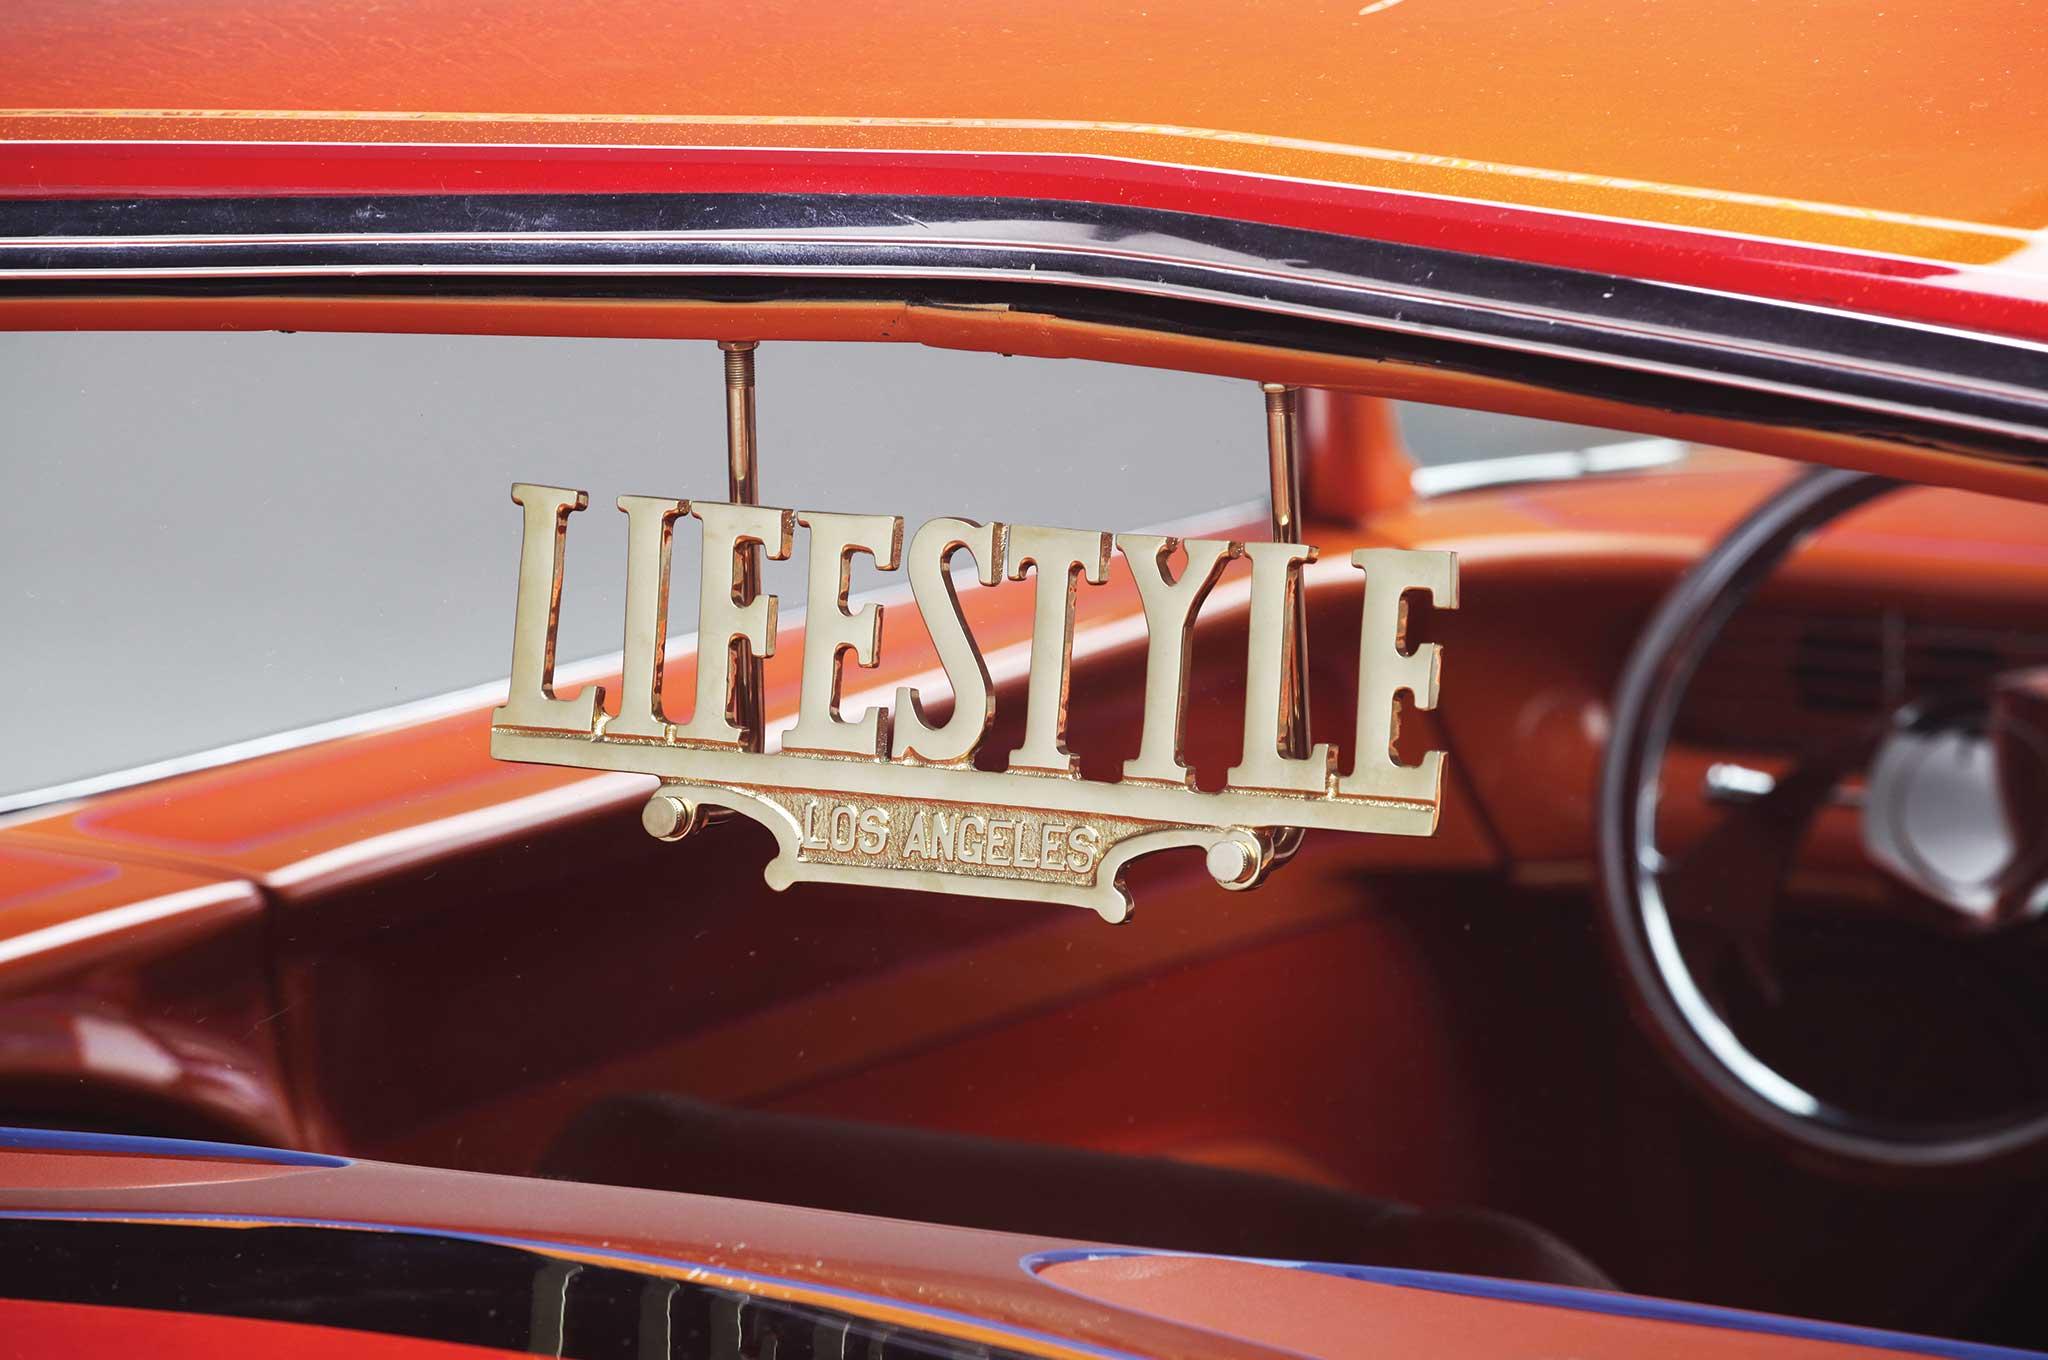 1972 chevy caprice lifestyle club plaque 007